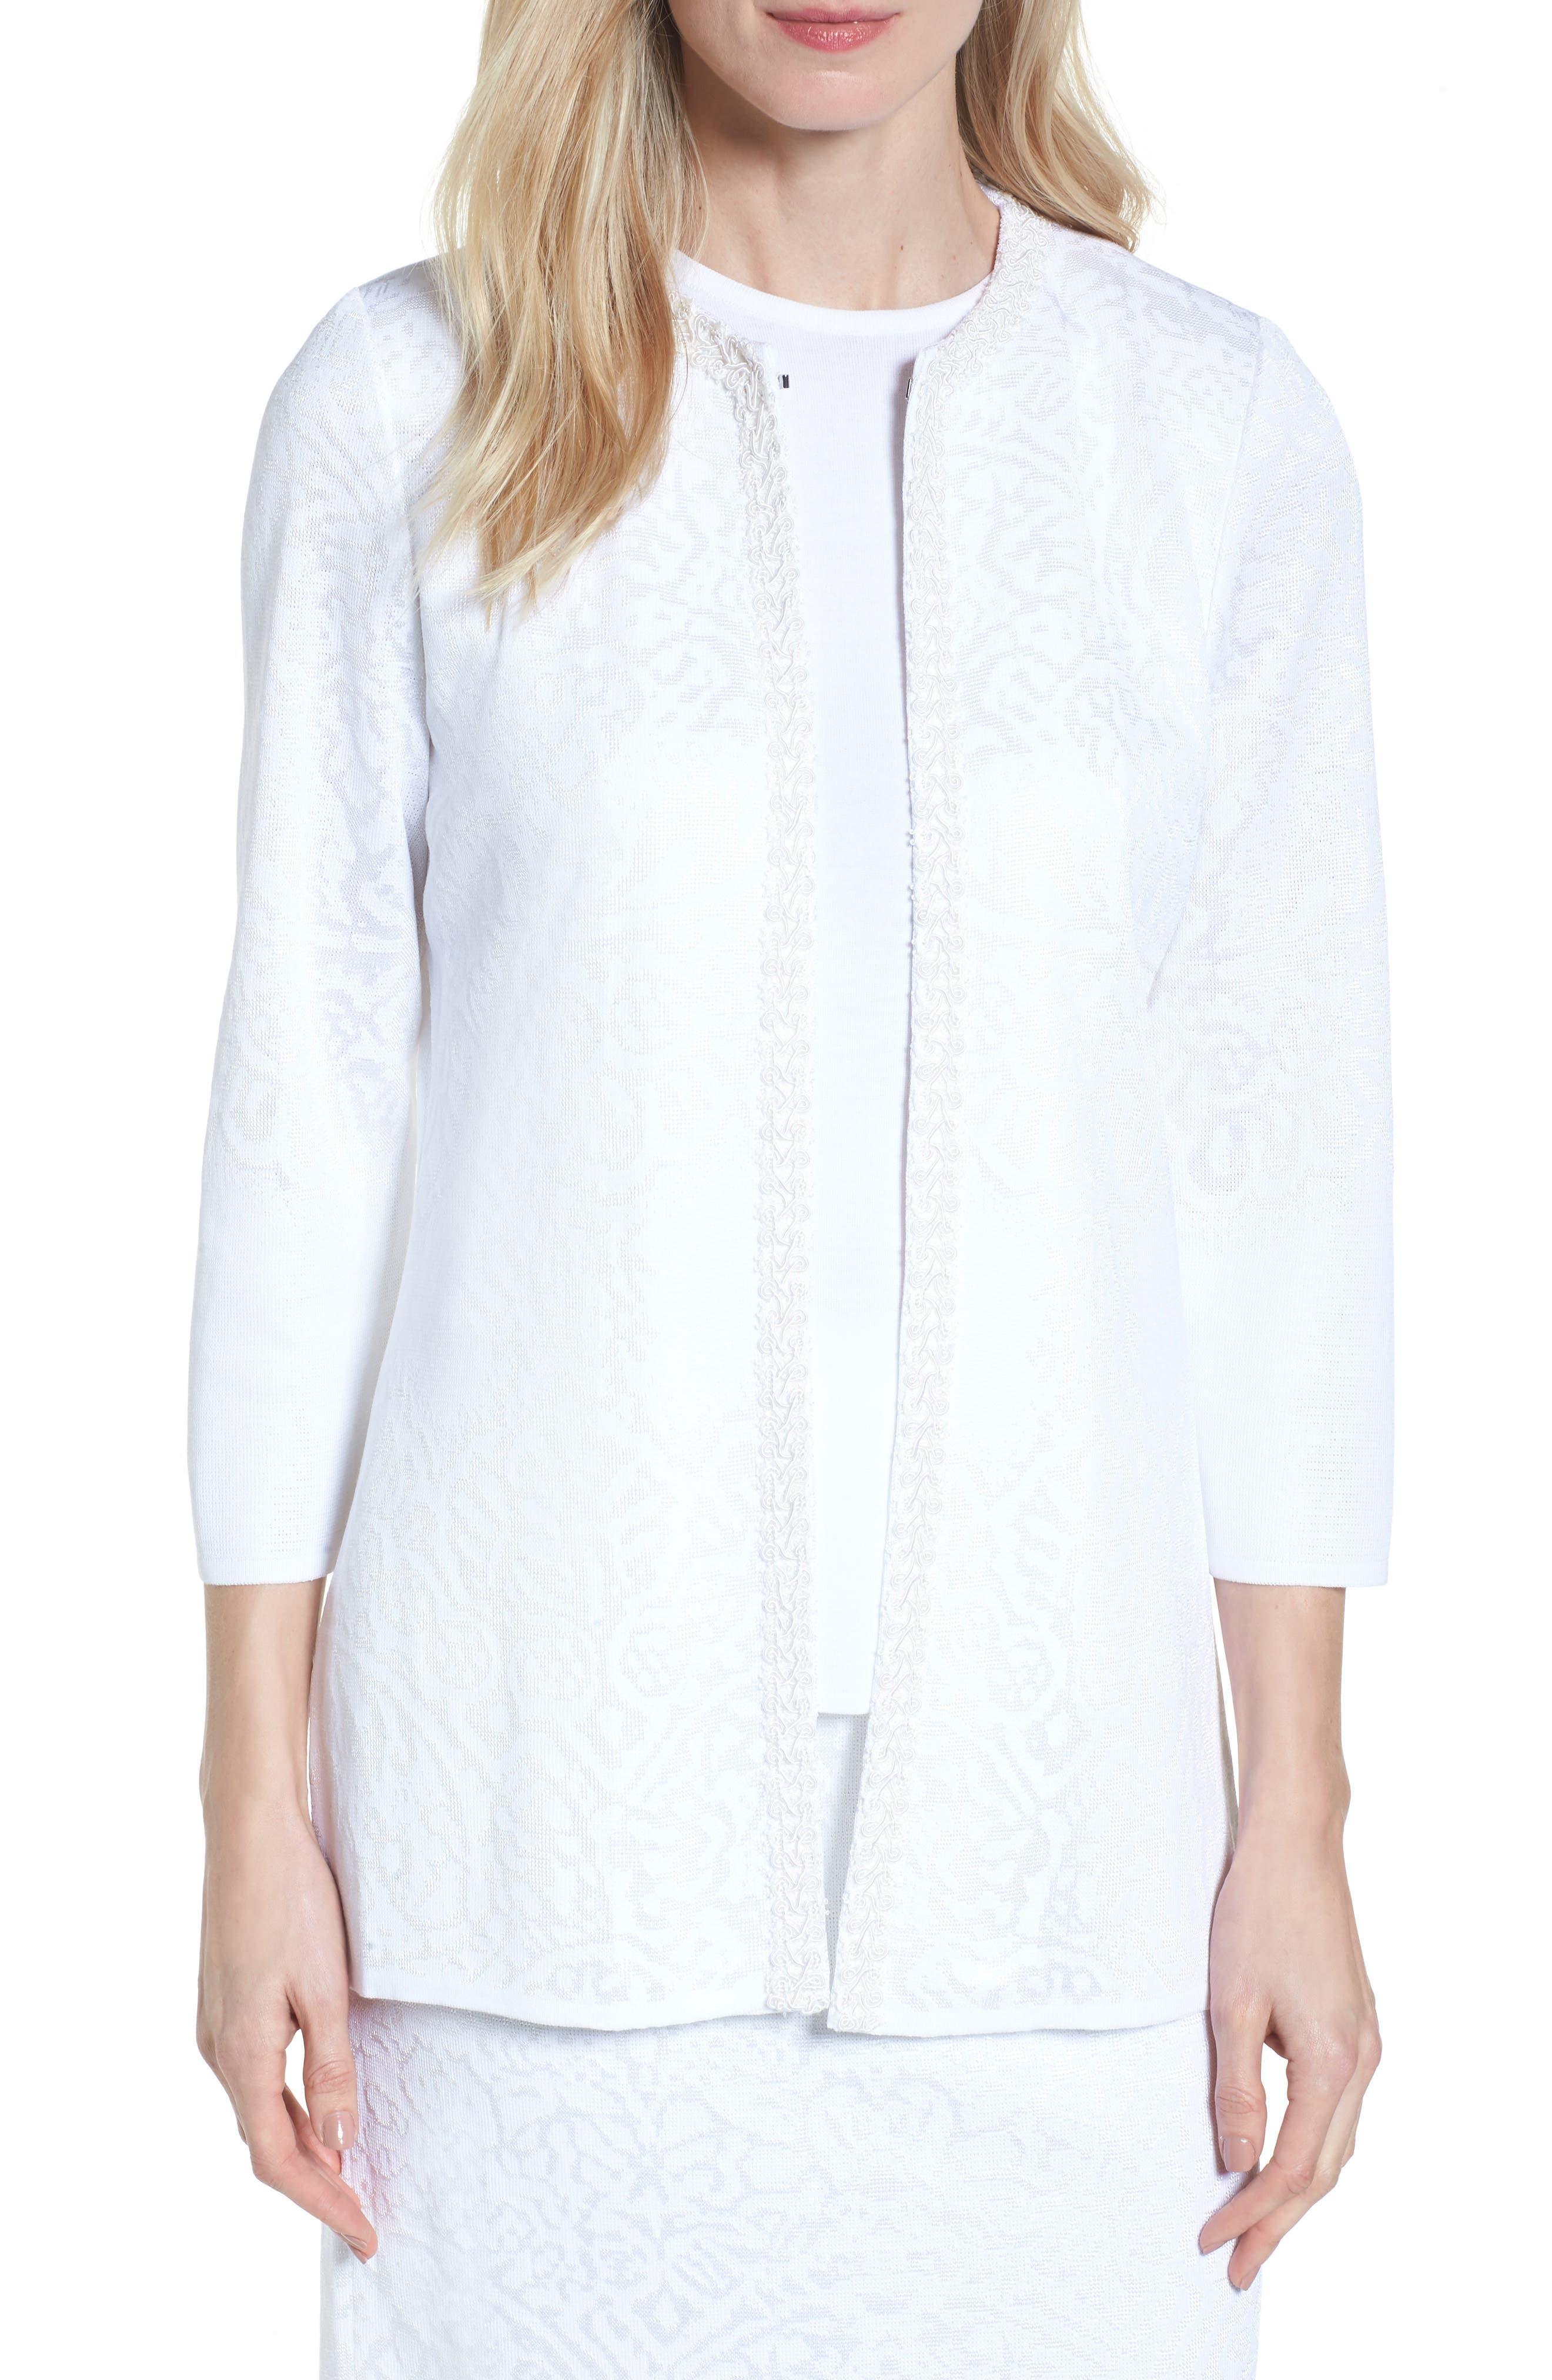 Main Image - Ming Wang Floral Jacquard Jacket